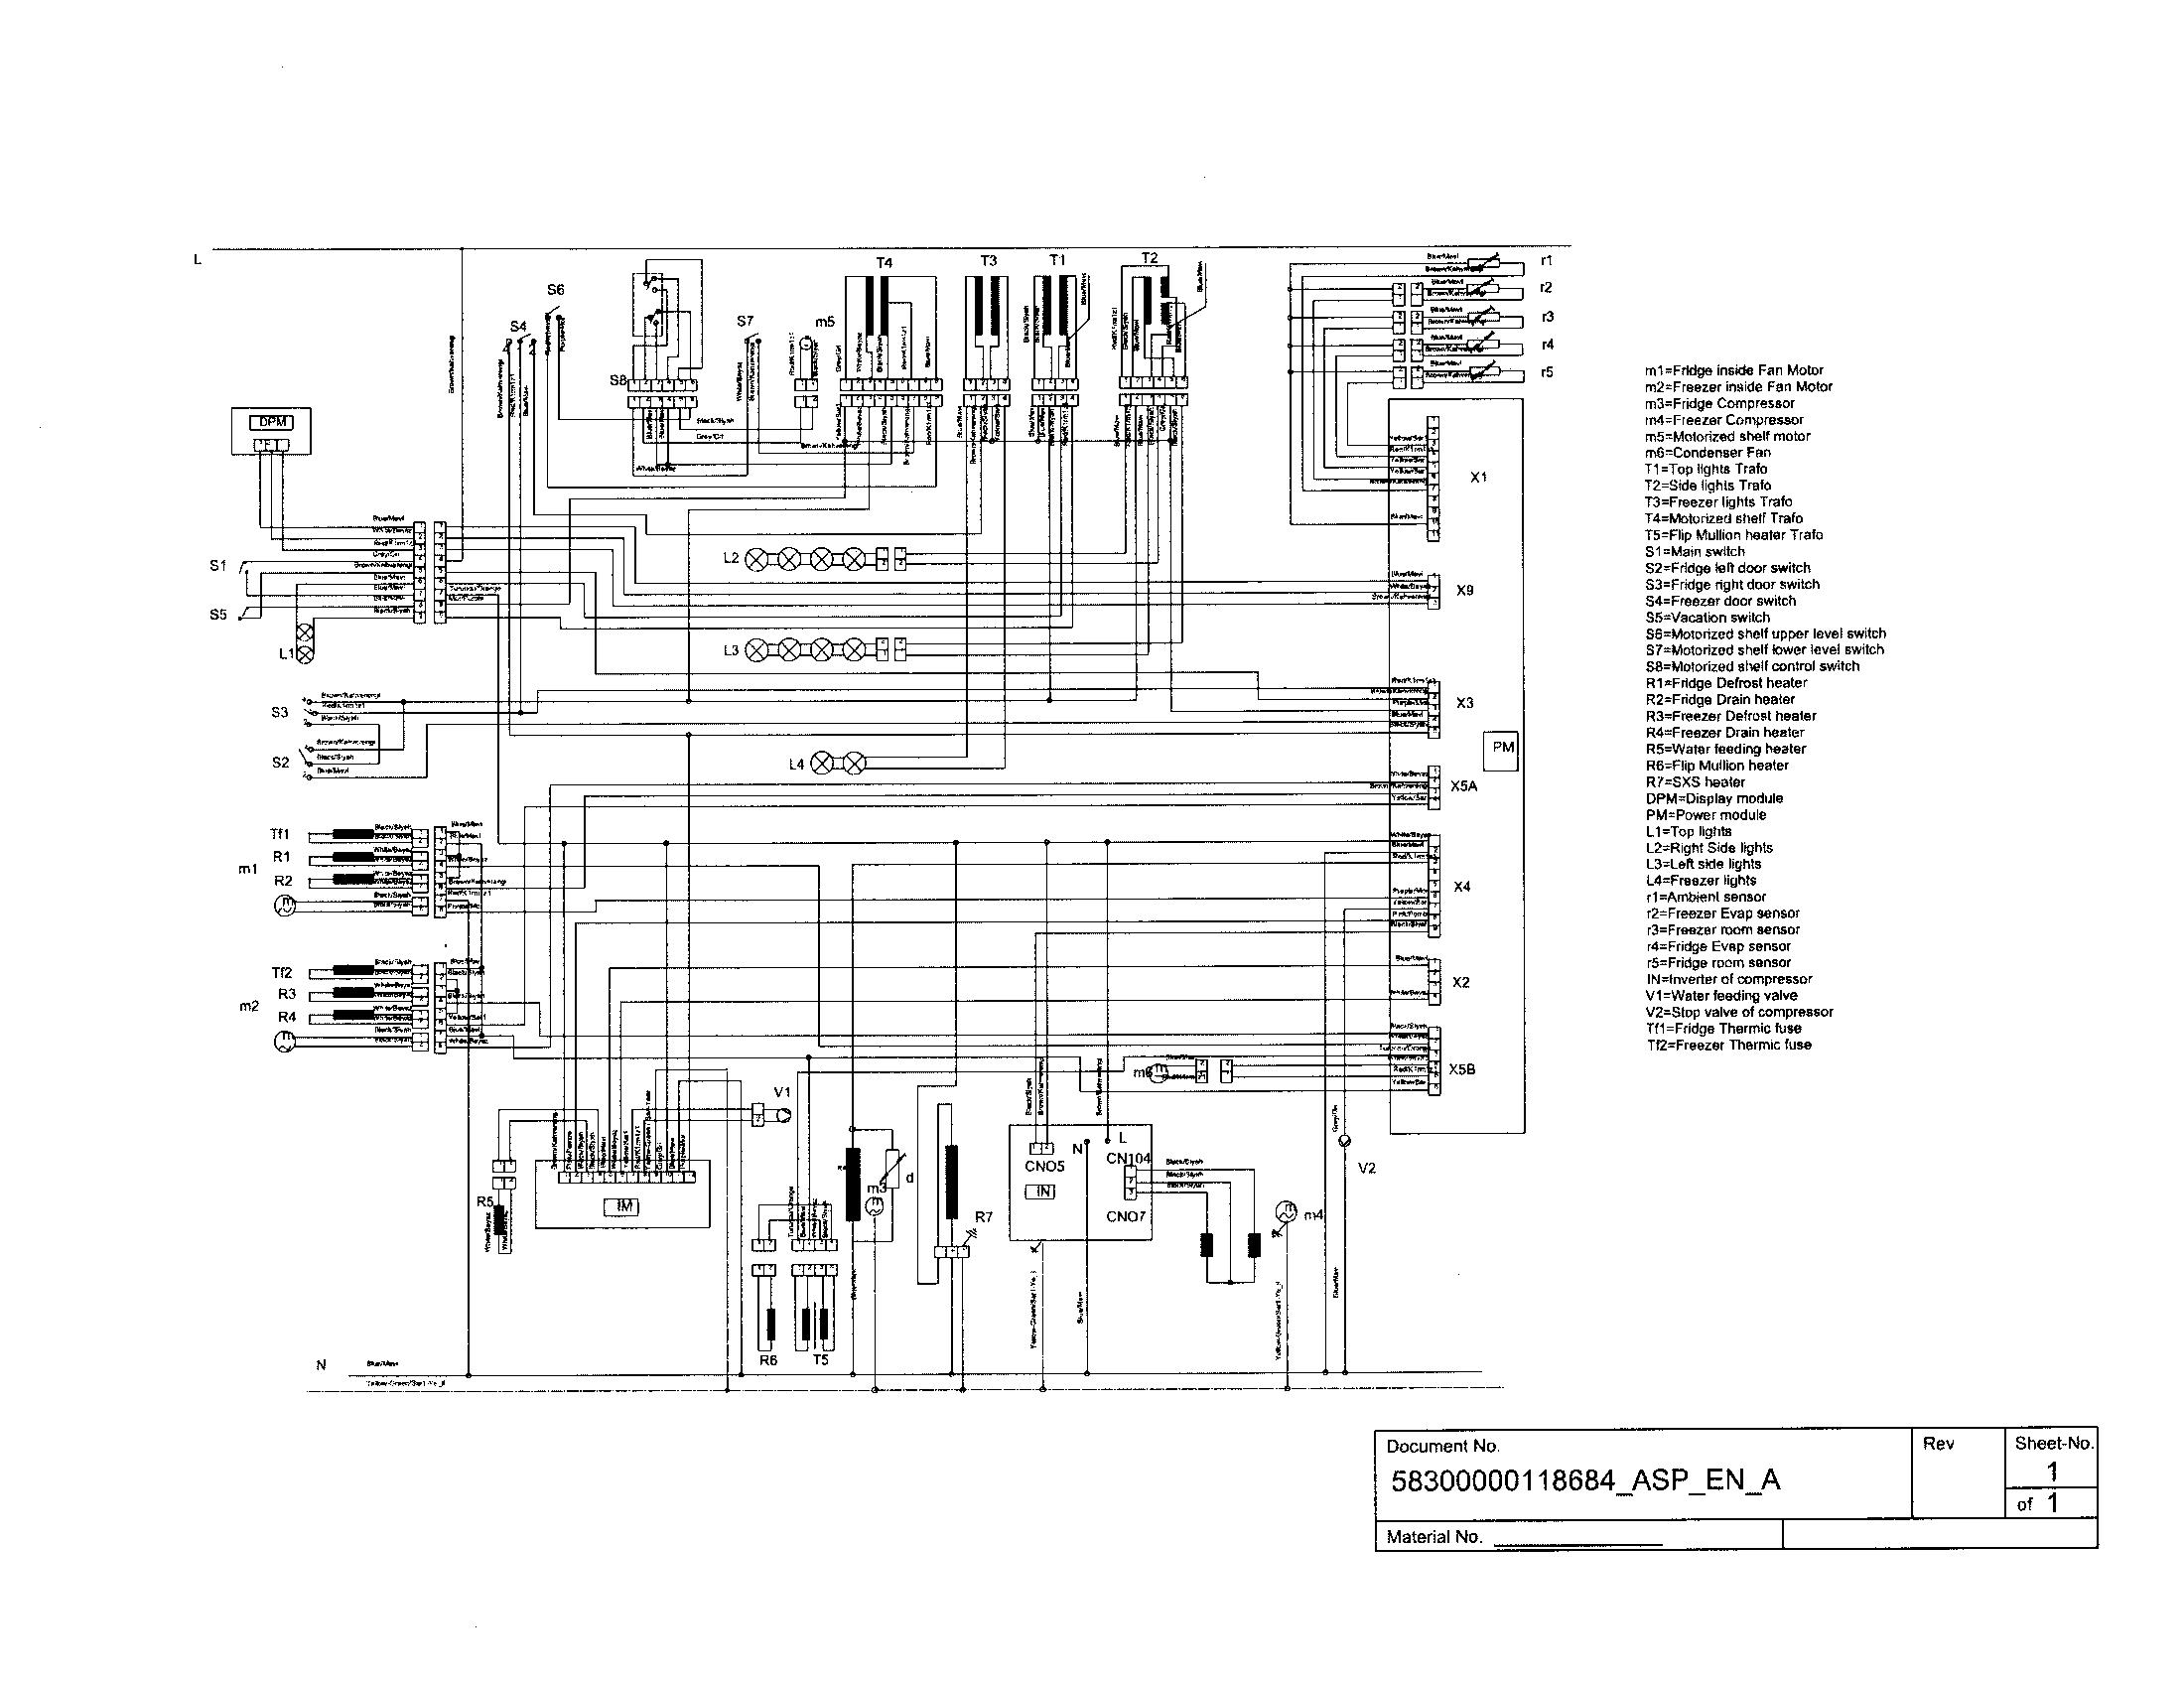 traulsen wiring schematics wiring diagrams bibwiring traulsen diagram rhf132wp hhs wiring diagram centre traulsen wiring schematics [ 2200 x 1696 Pixel ]